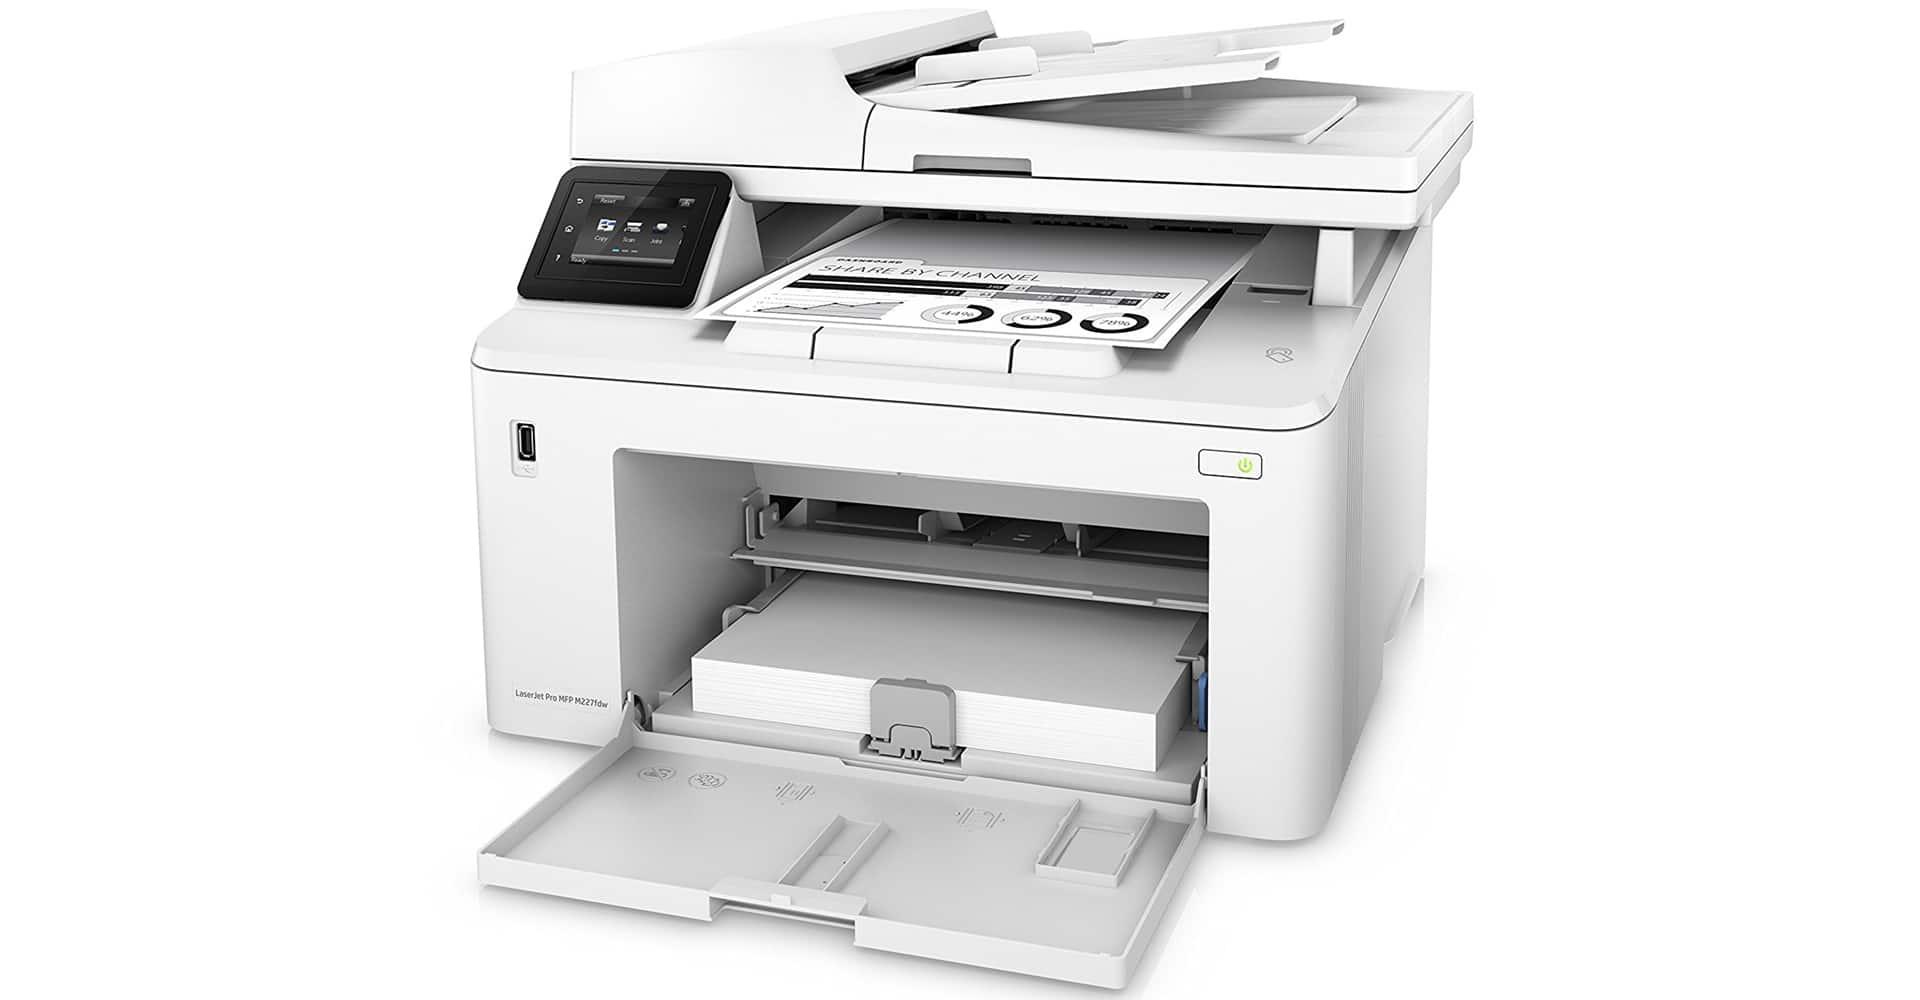 HP M227FDW LaserJet Pro